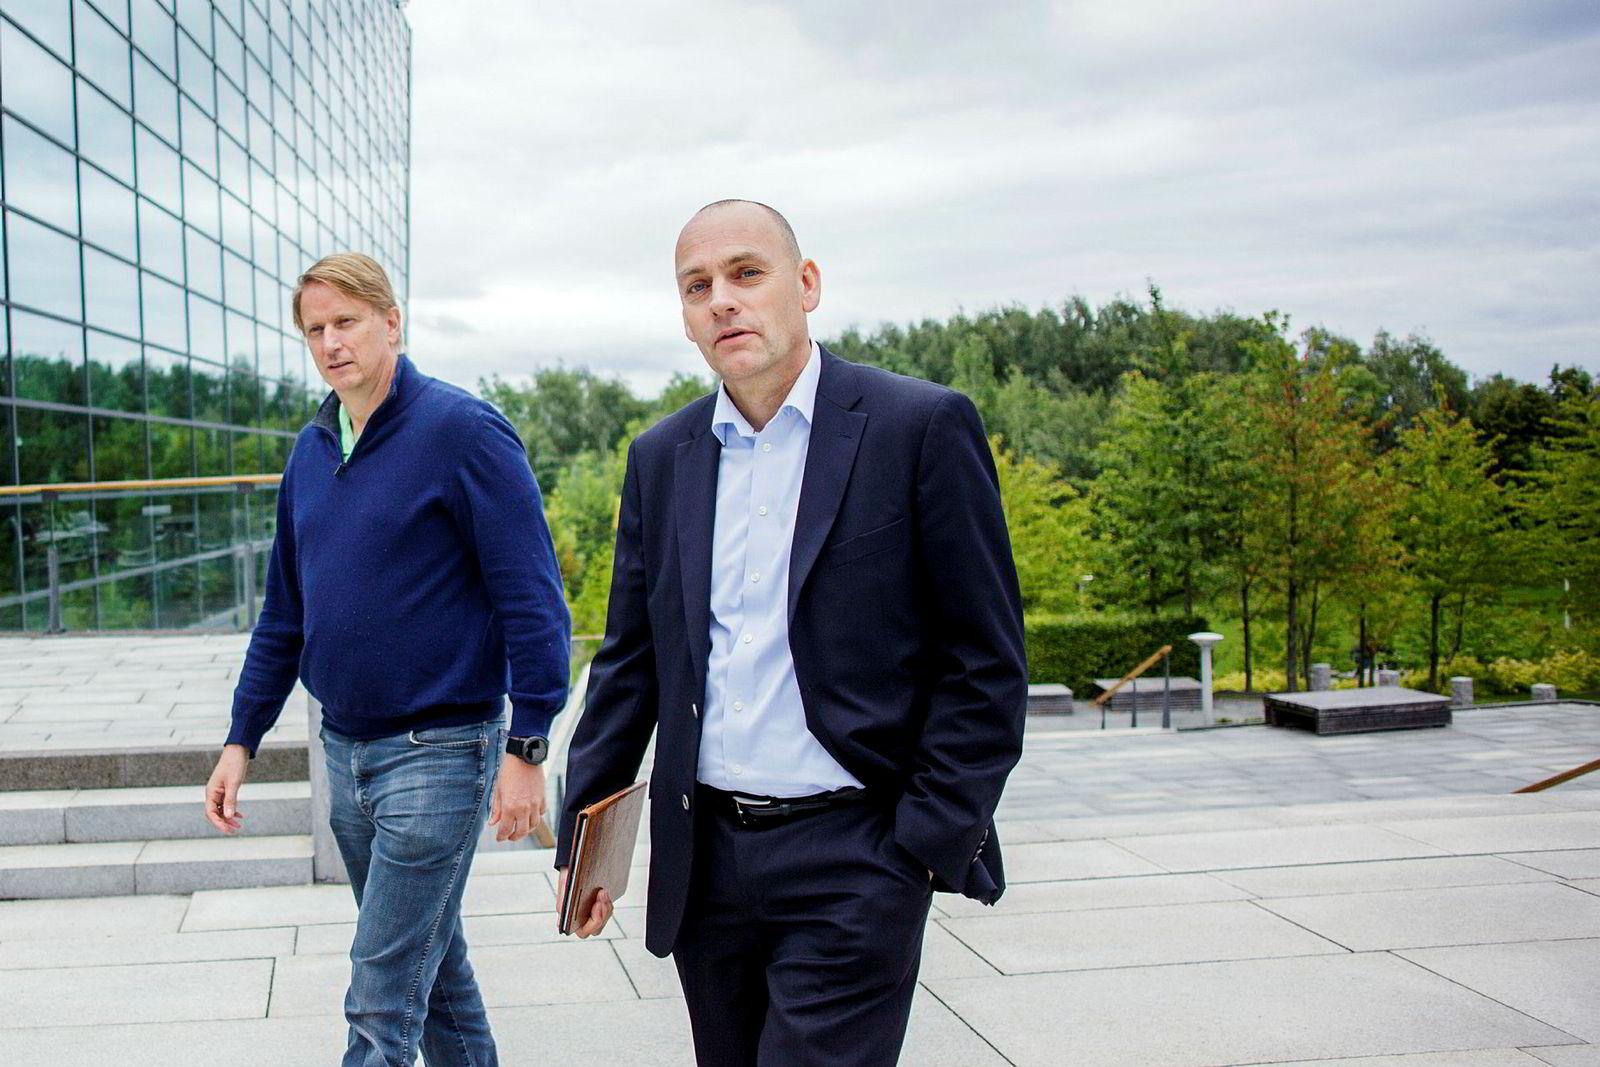 Leder for Telenors mobildivisjon, Bjørn Ivar Moen, ønsker seg flere eldre mobilsurfere.